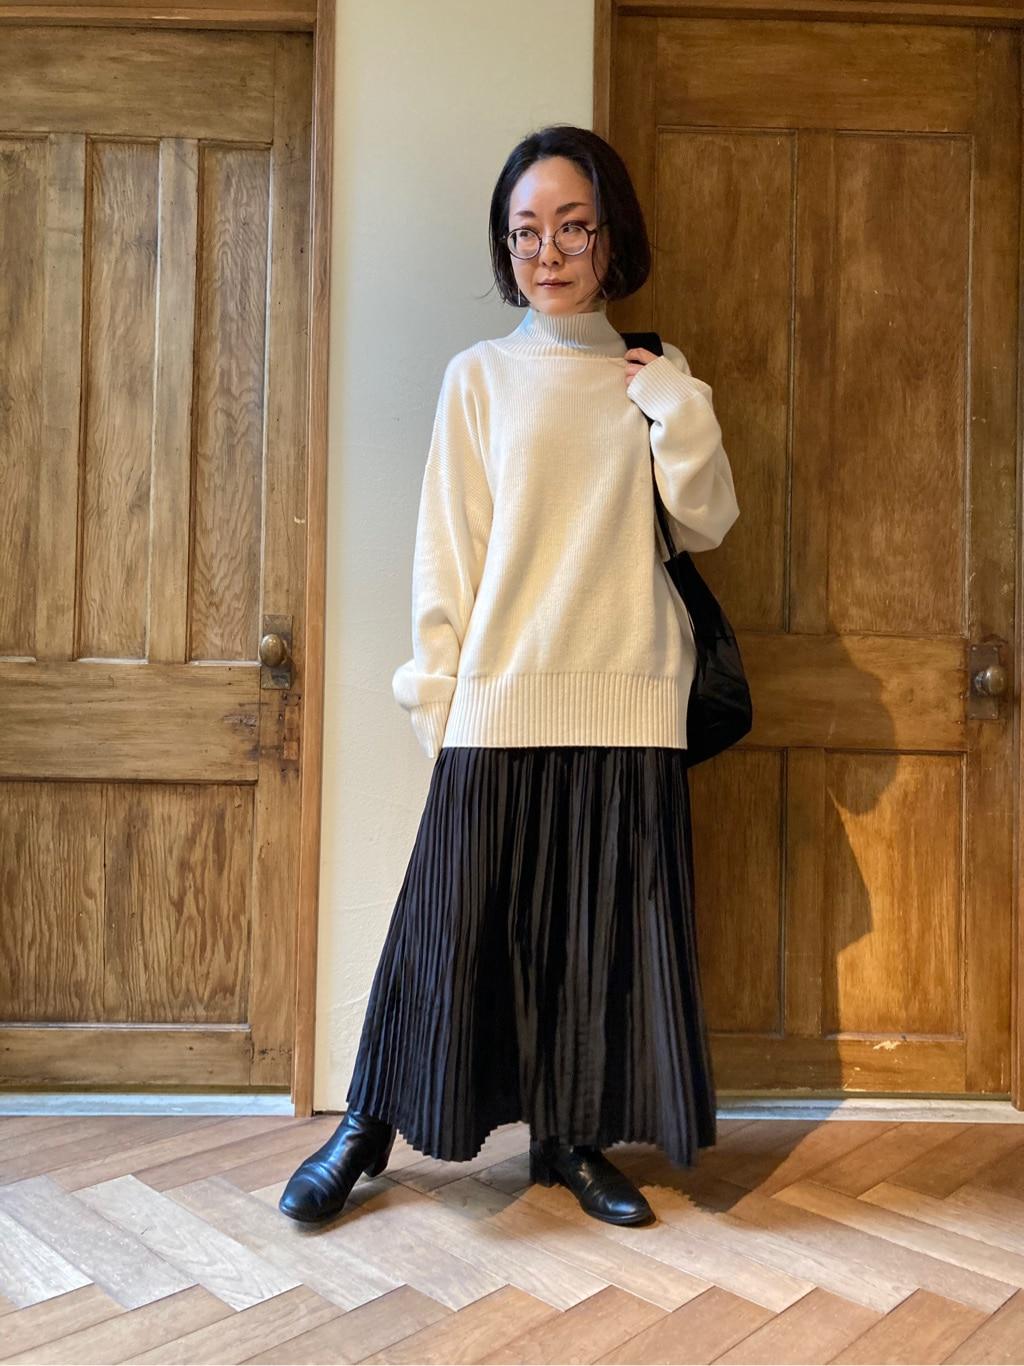 yuni 京都路面 身長:152cm 2020.11.11